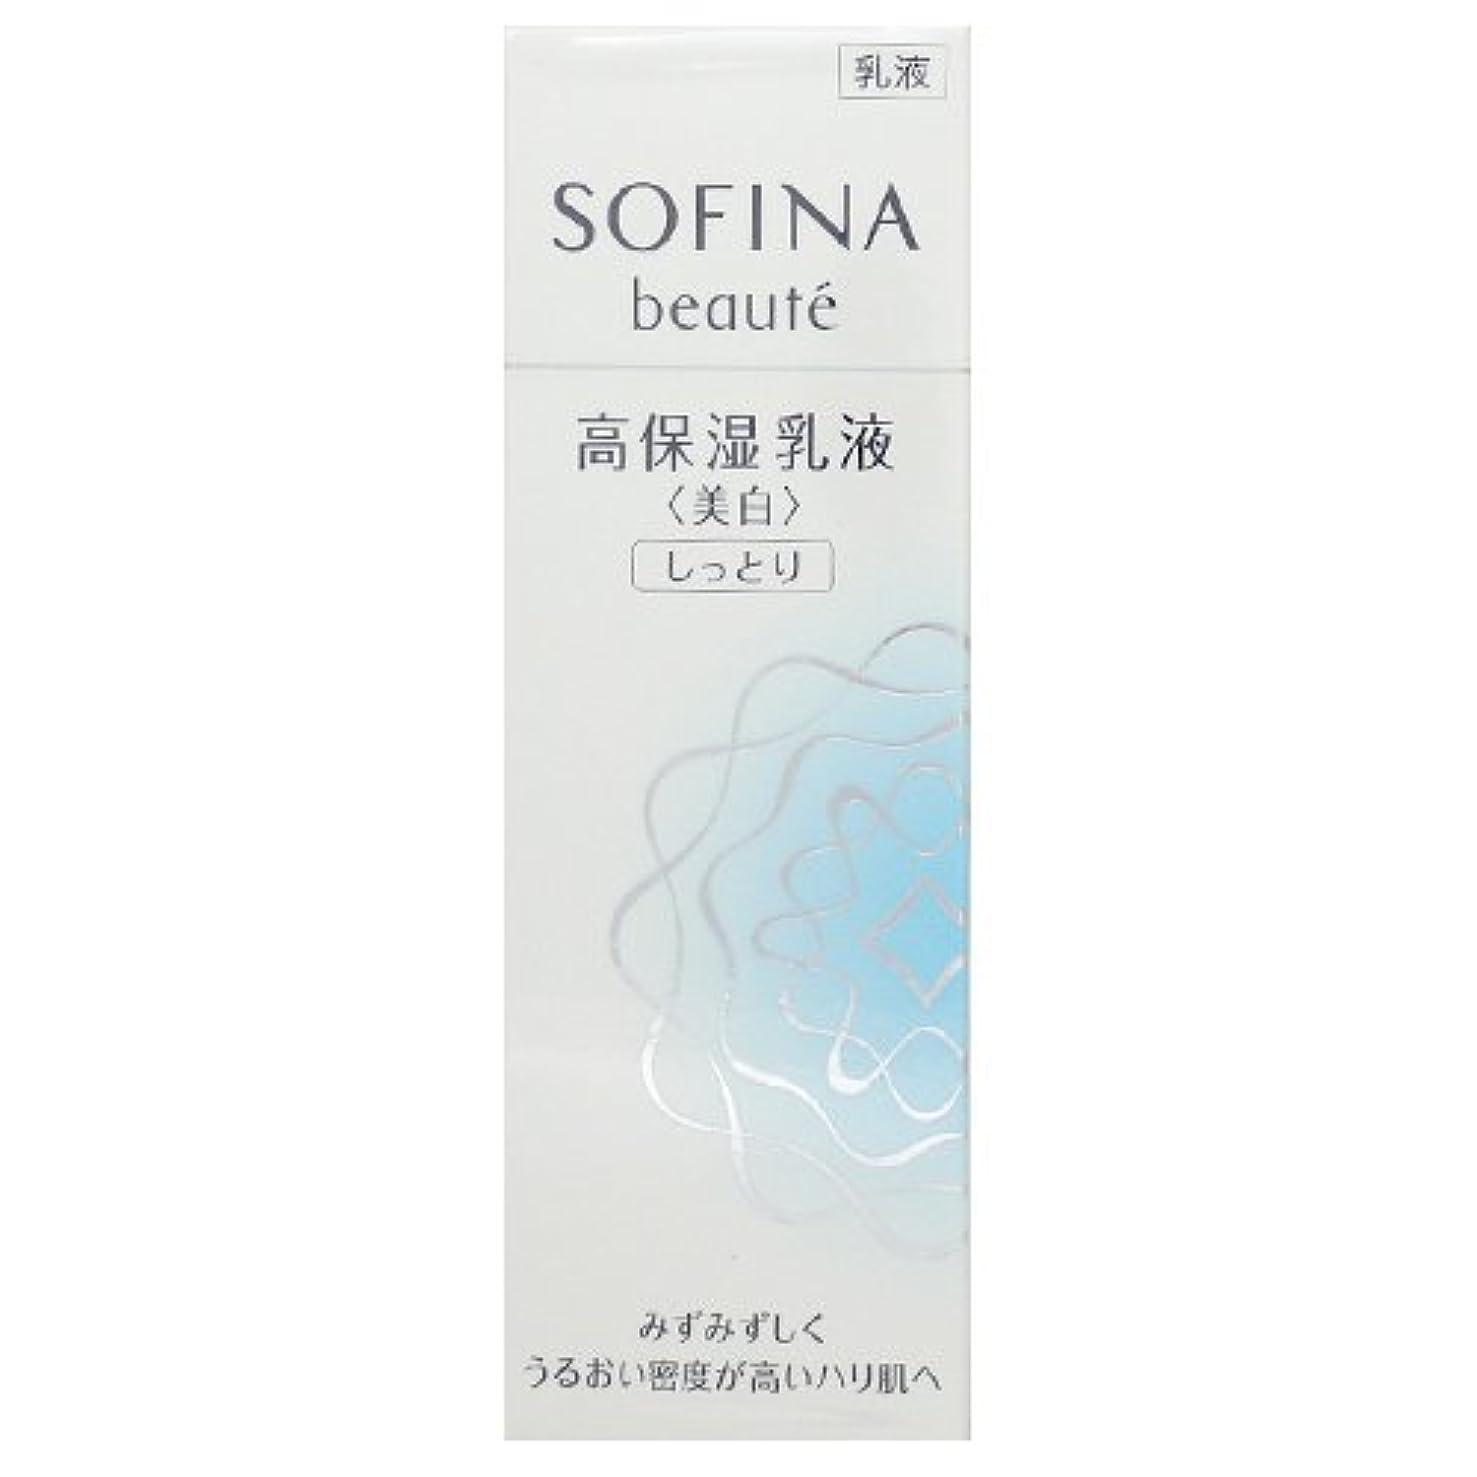 予防接種する不安残高花王 ソフィーナ ボーテ 高保湿乳液 美白 しっとり 60g